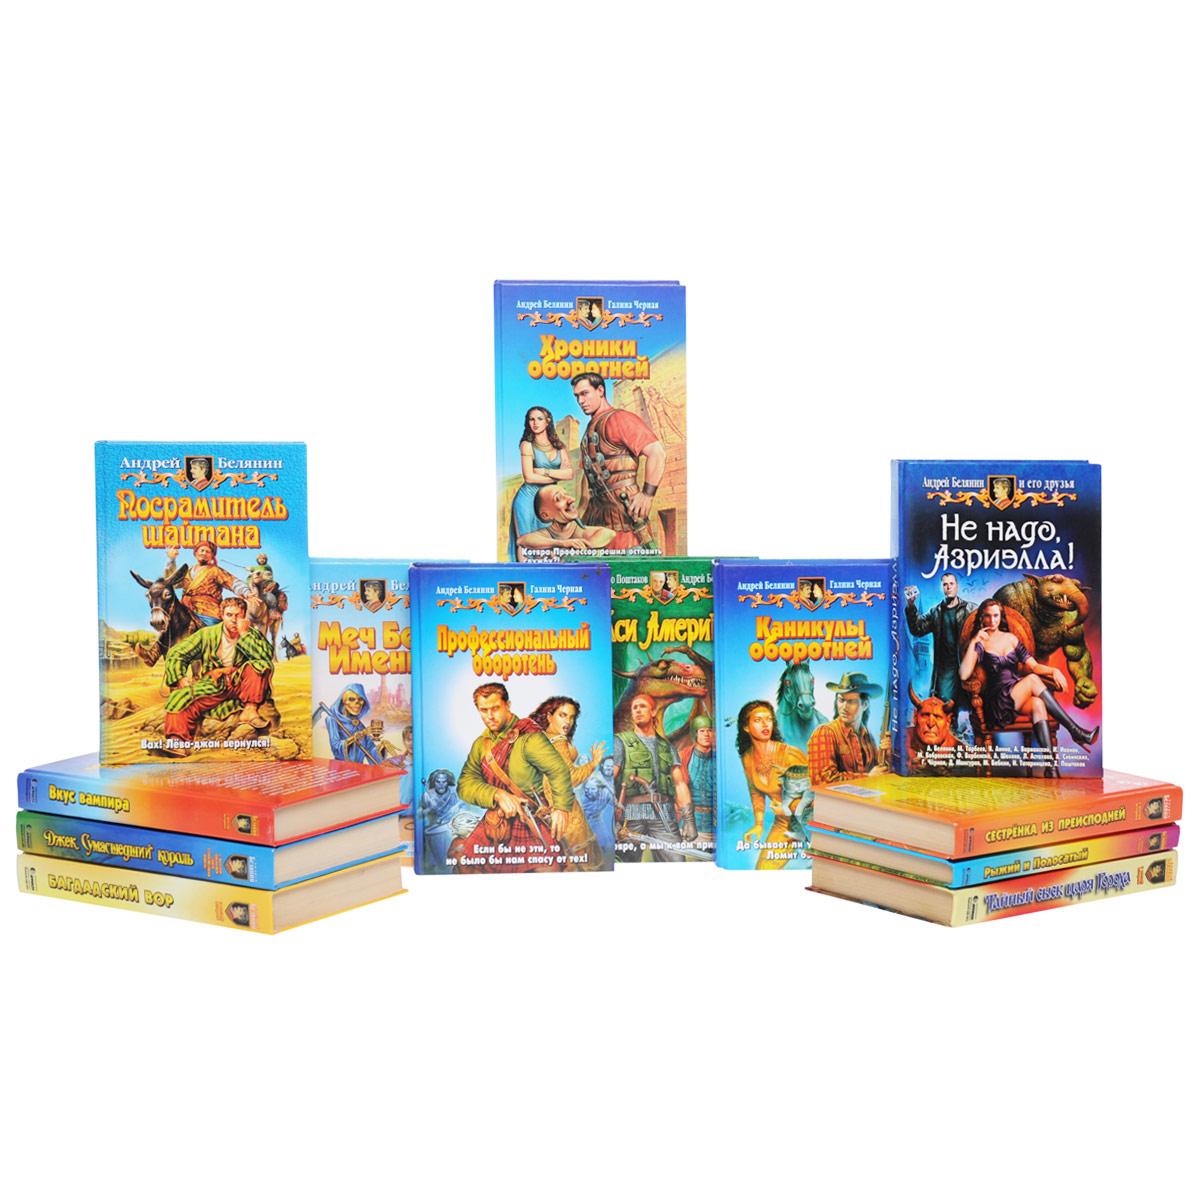 Андрей Белянин и Компания (комплект из 13 книг)